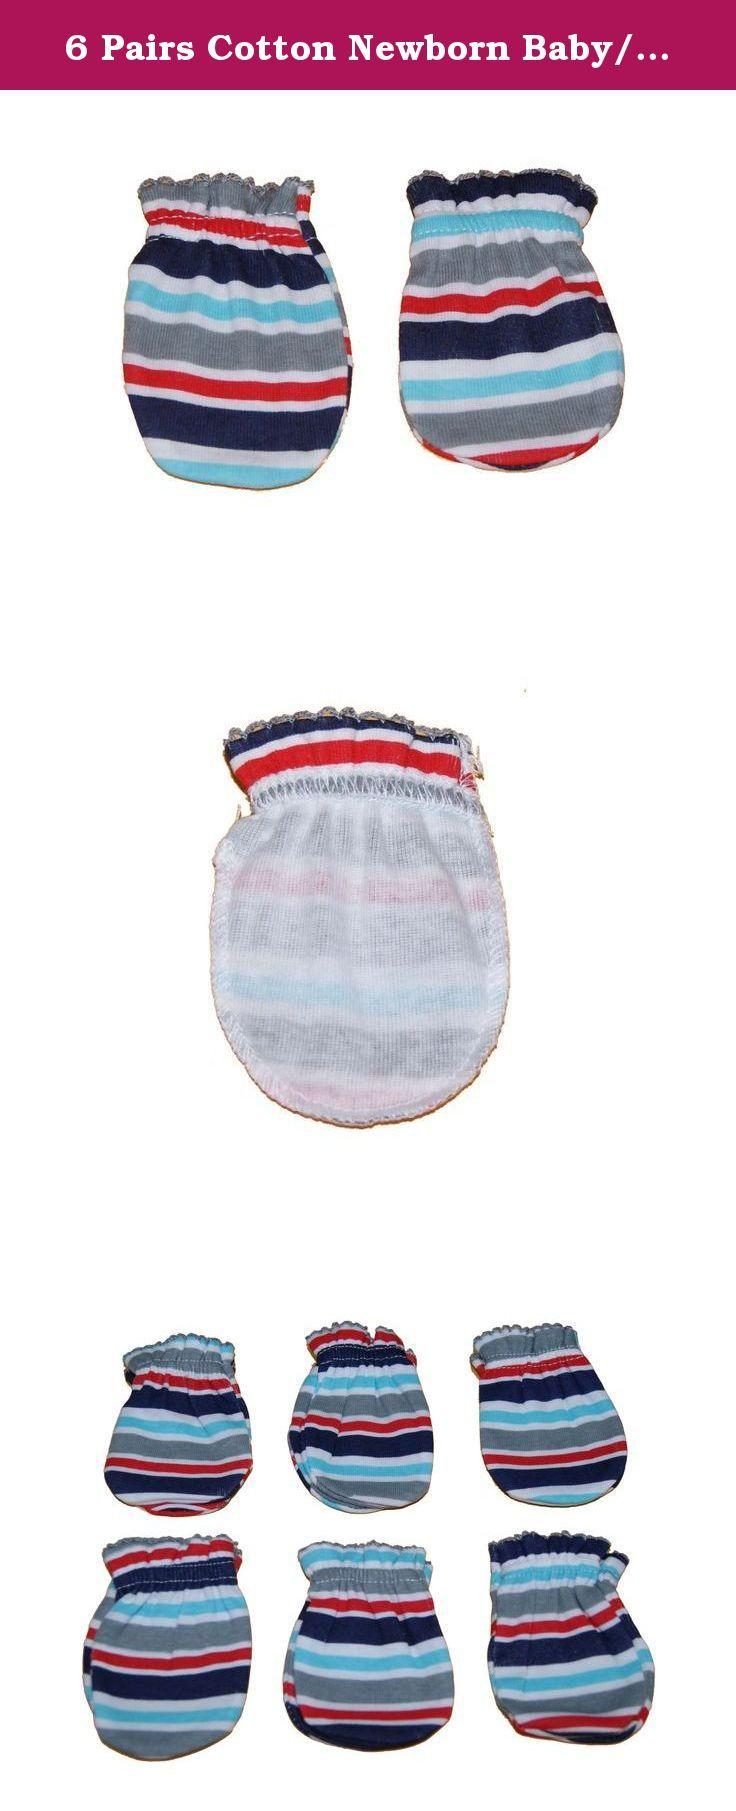 4 Pairs Cotton Newborn Baby//infant Boy No Scratch Mittens Gloves Stria